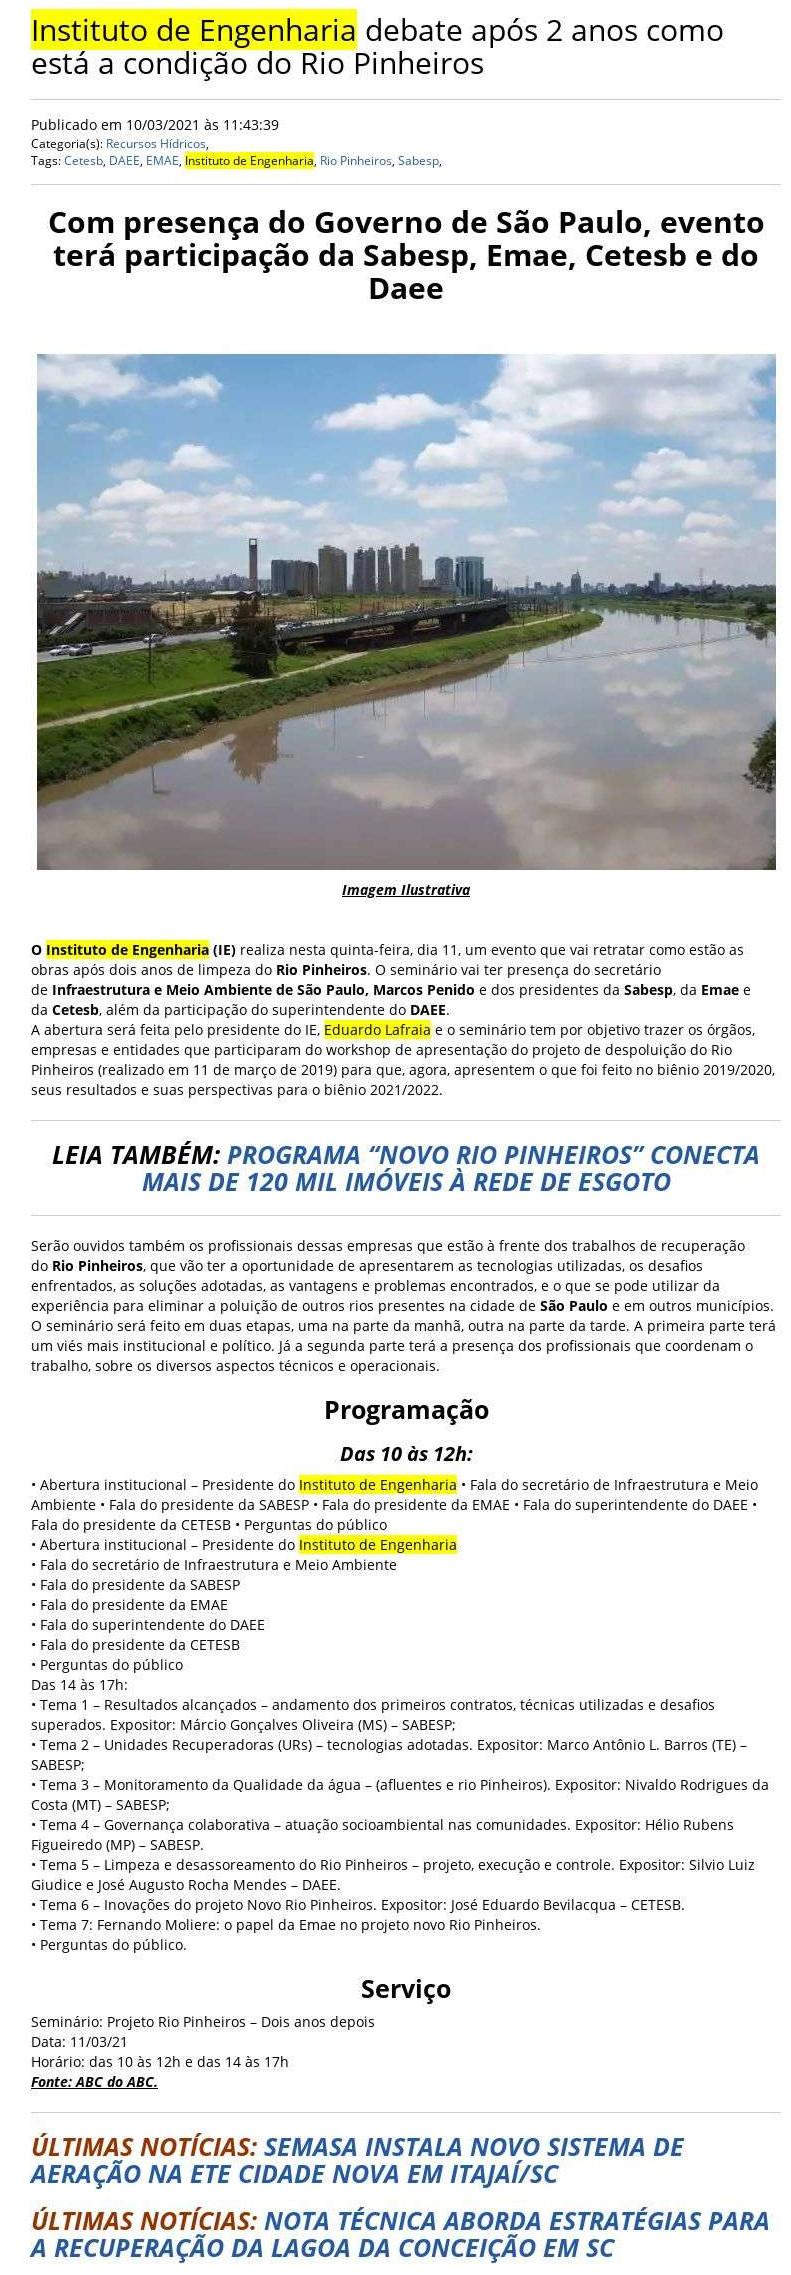 Instituto de Engenharia debate após 2 anos como está a condição do Rio Pinheiros - Tratamento de água